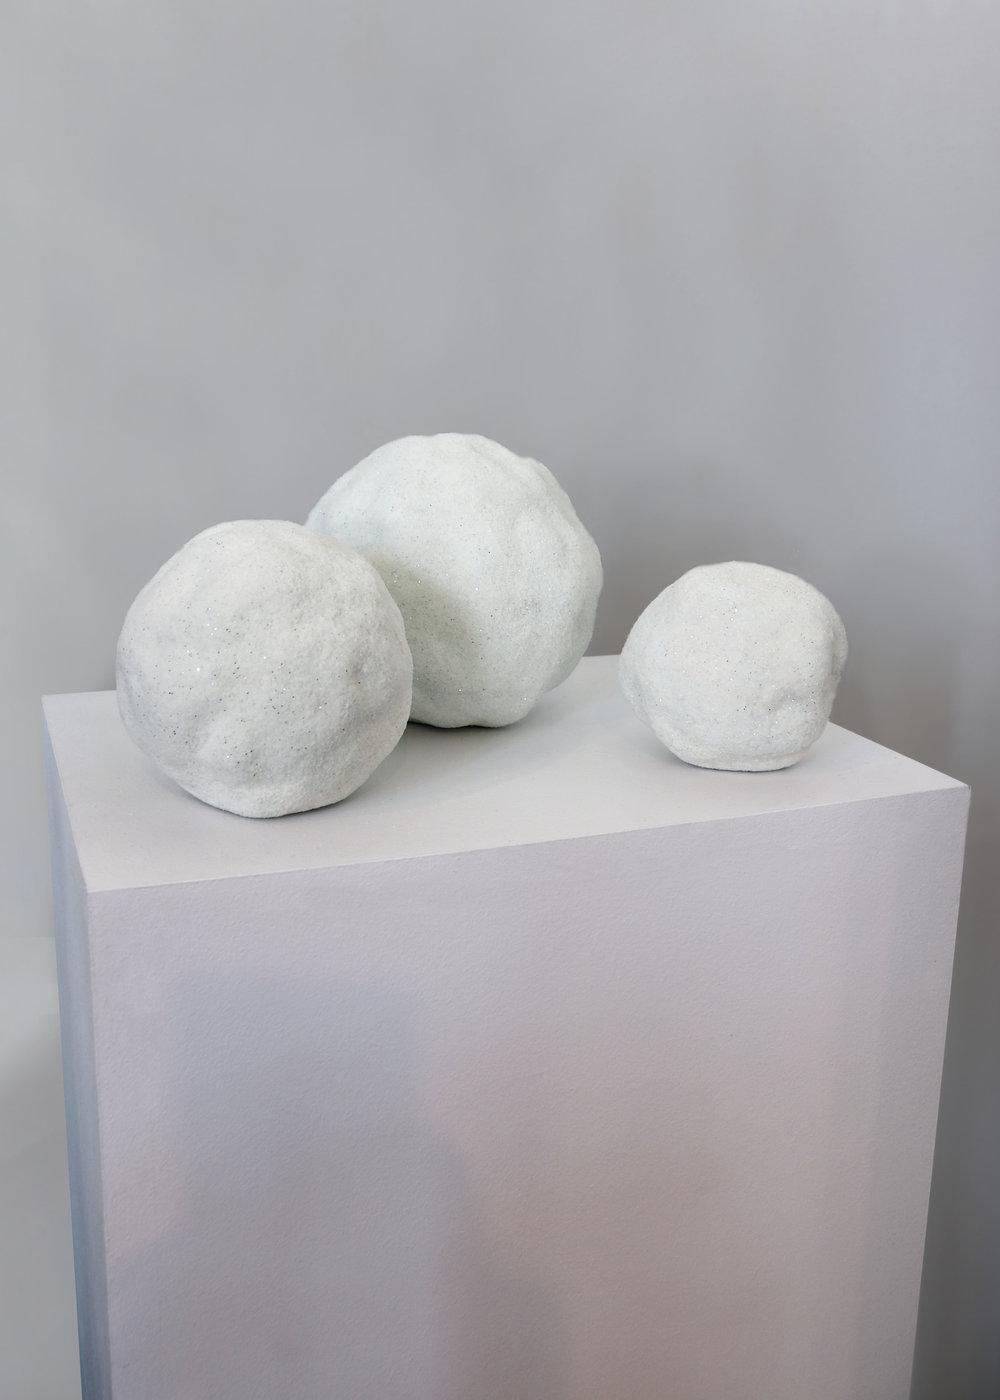 Pierre Ardouvin, Trois boules de neige, 2012 glitter flocked on filler diam. 12 cm; 10 cm; 8 cm - 4 3/4 inches; 3 7/8 inches; 3 1/8 inches